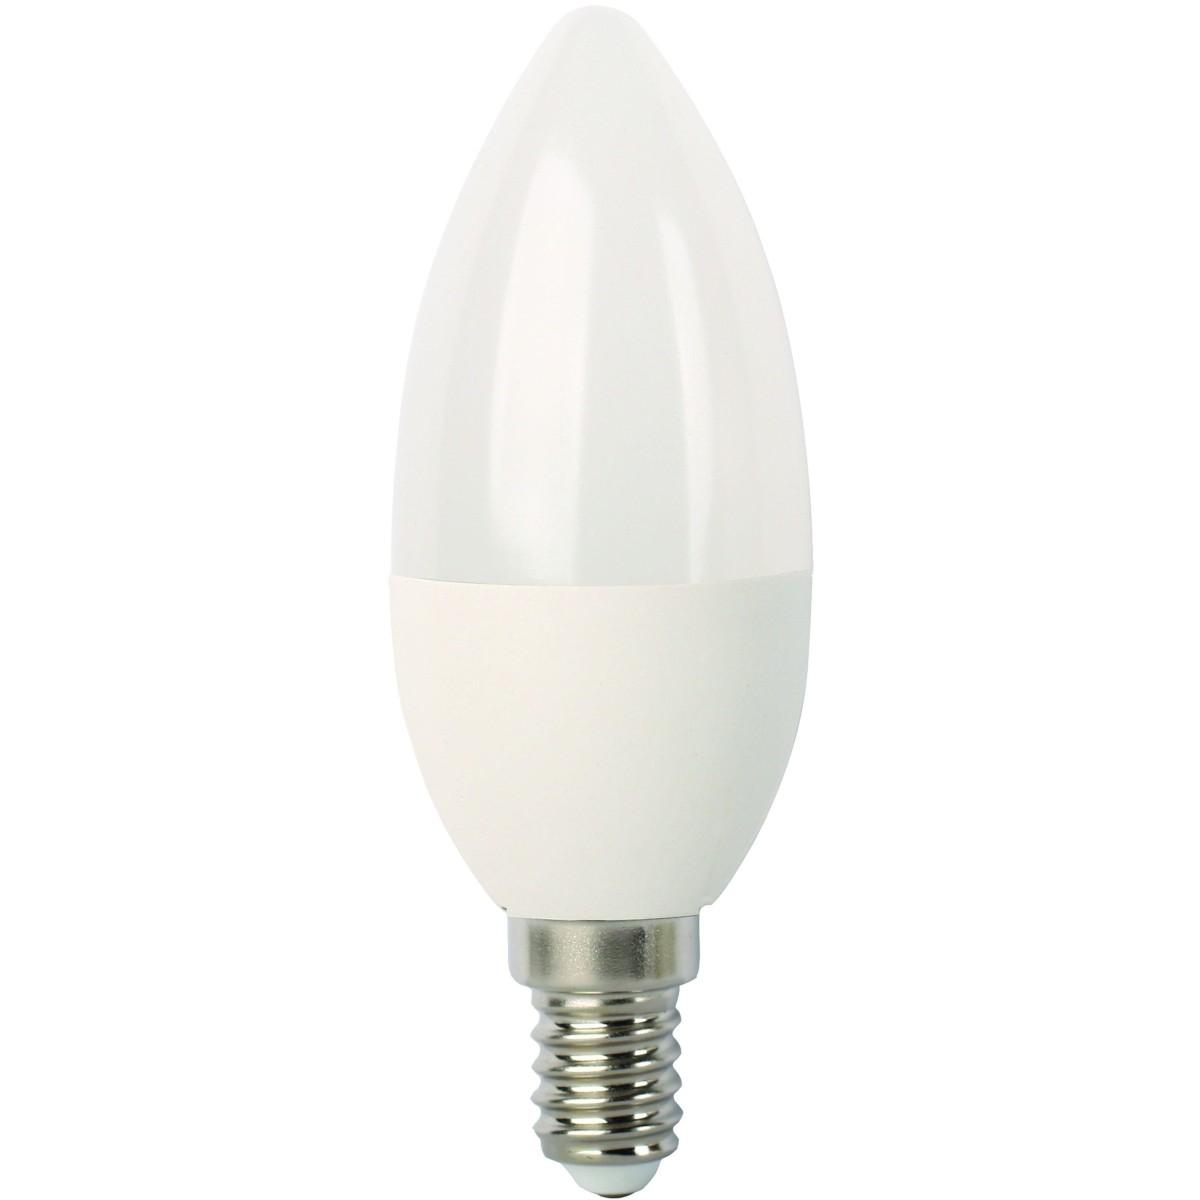 Лампа Ecola light светодионая E14 7 Вт свеча Лм нейтральный свет